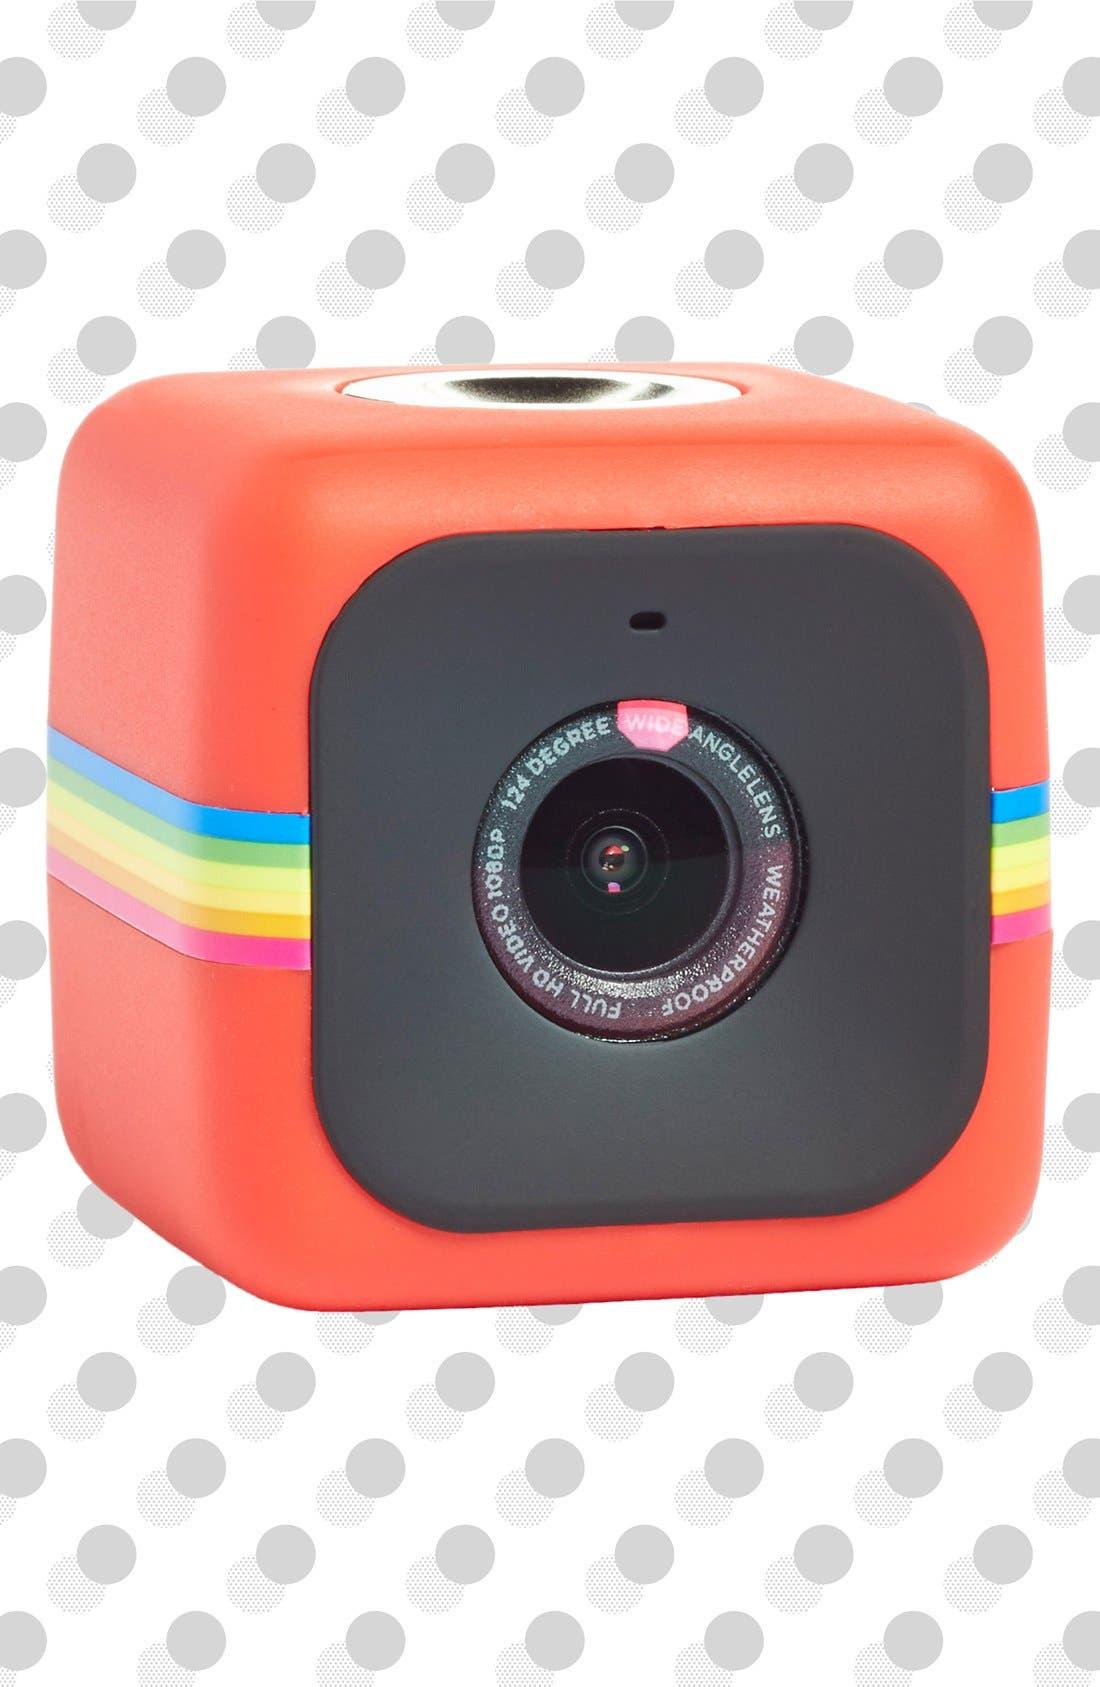 Main Image - Polaroid Cube™ HD Digital Video Action Camera Camcorder